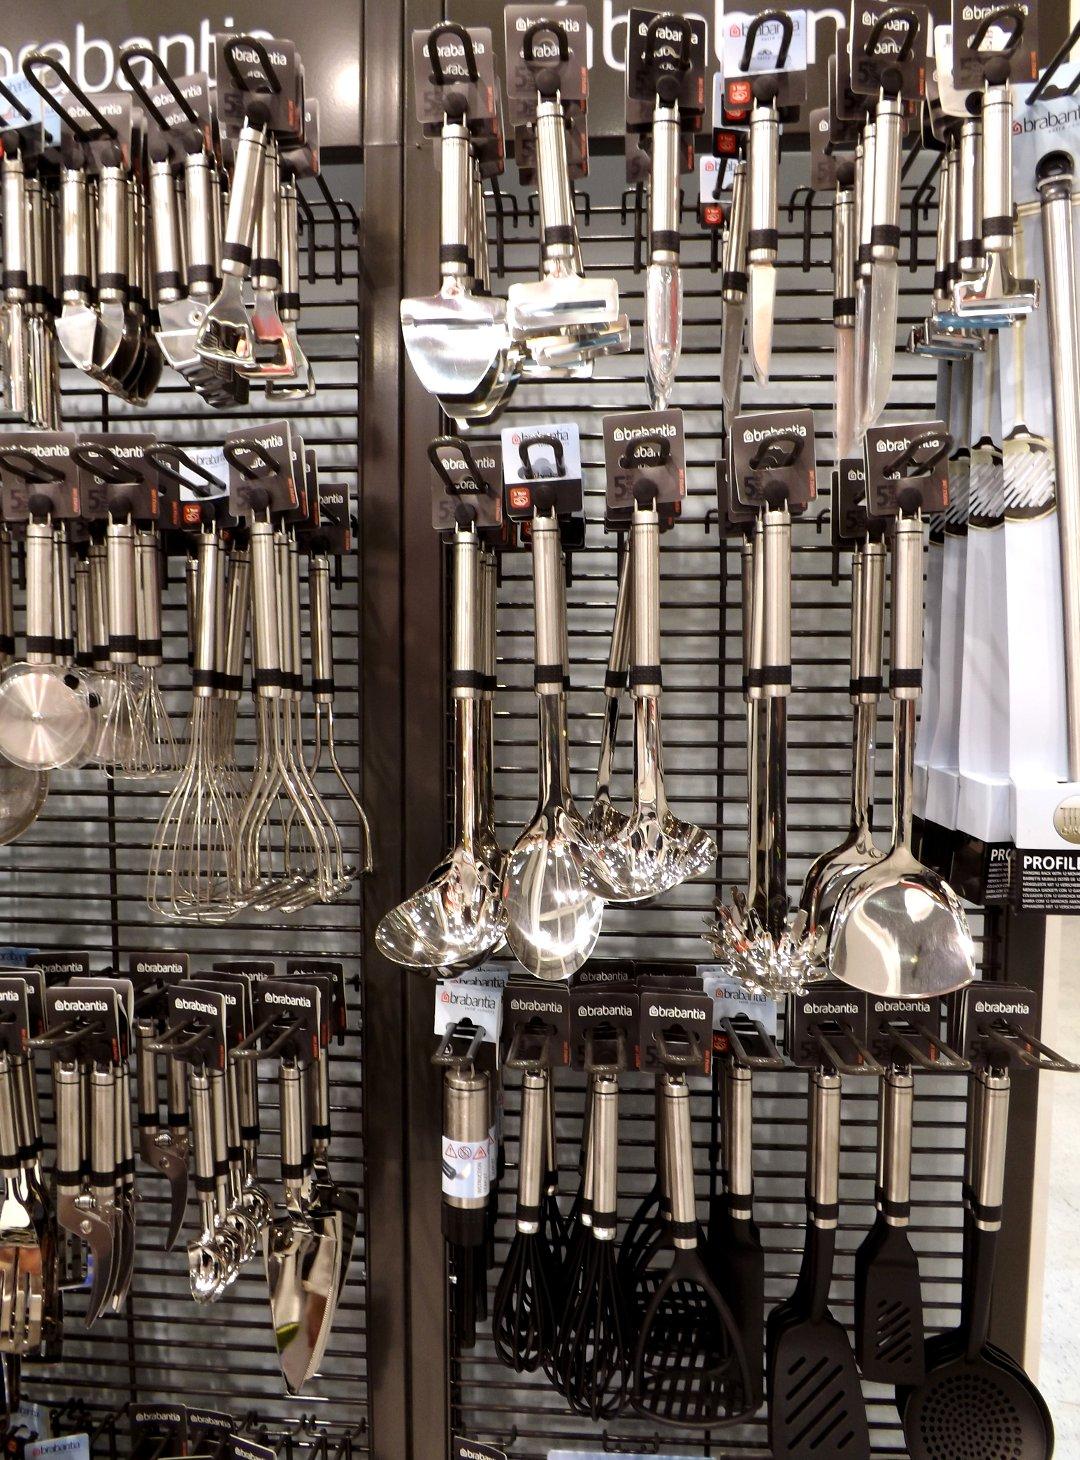 Кухонные аксессуары от голландского бренда Brabantia на выставке HouseHoldExpo в сентябре 2016 года